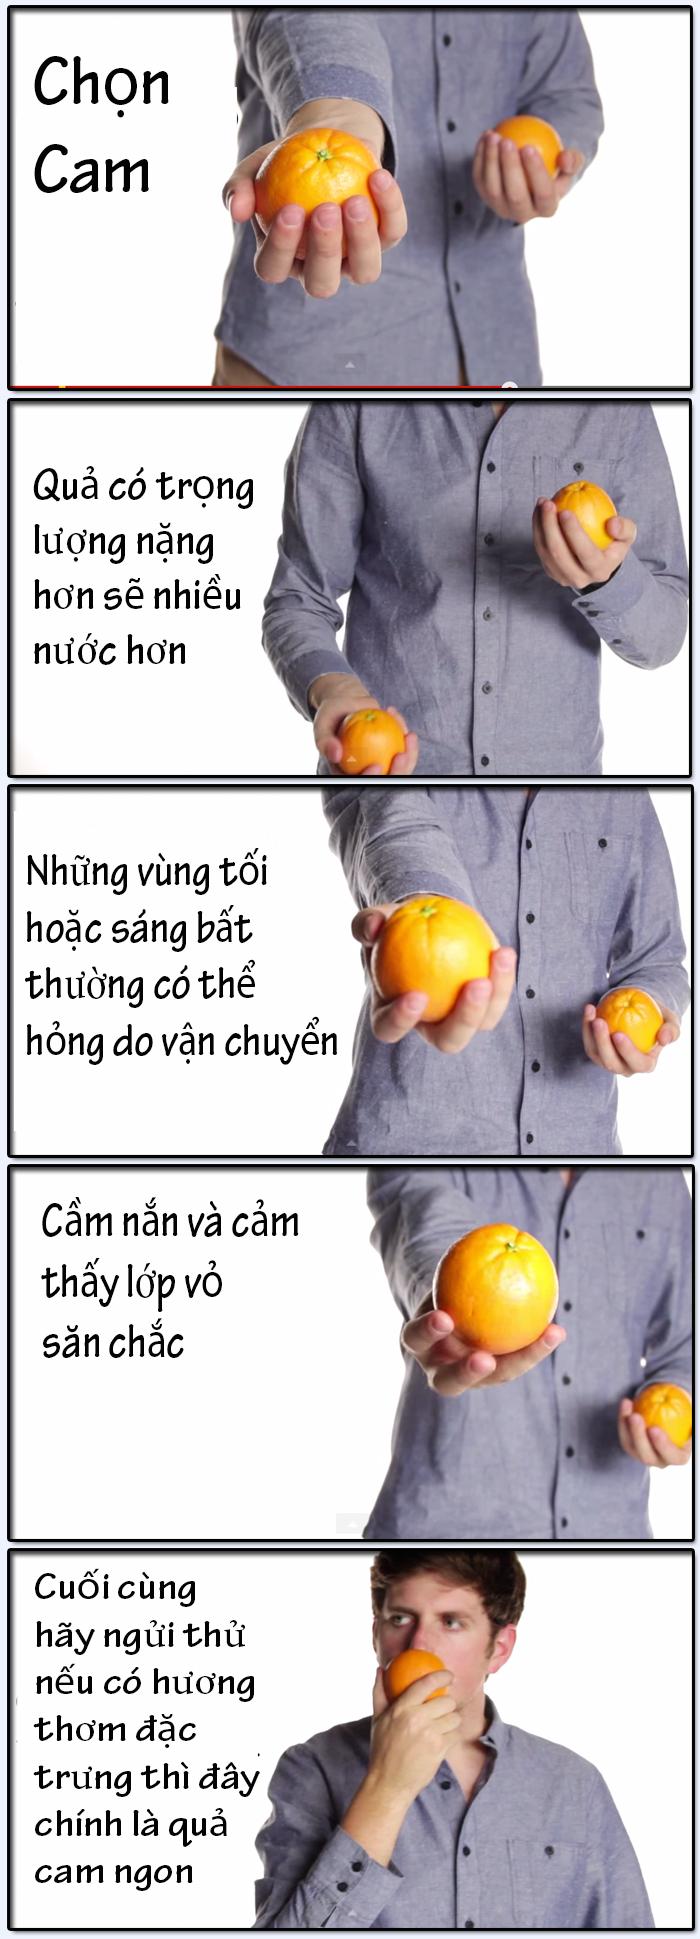 Cách chọn Cam ngon